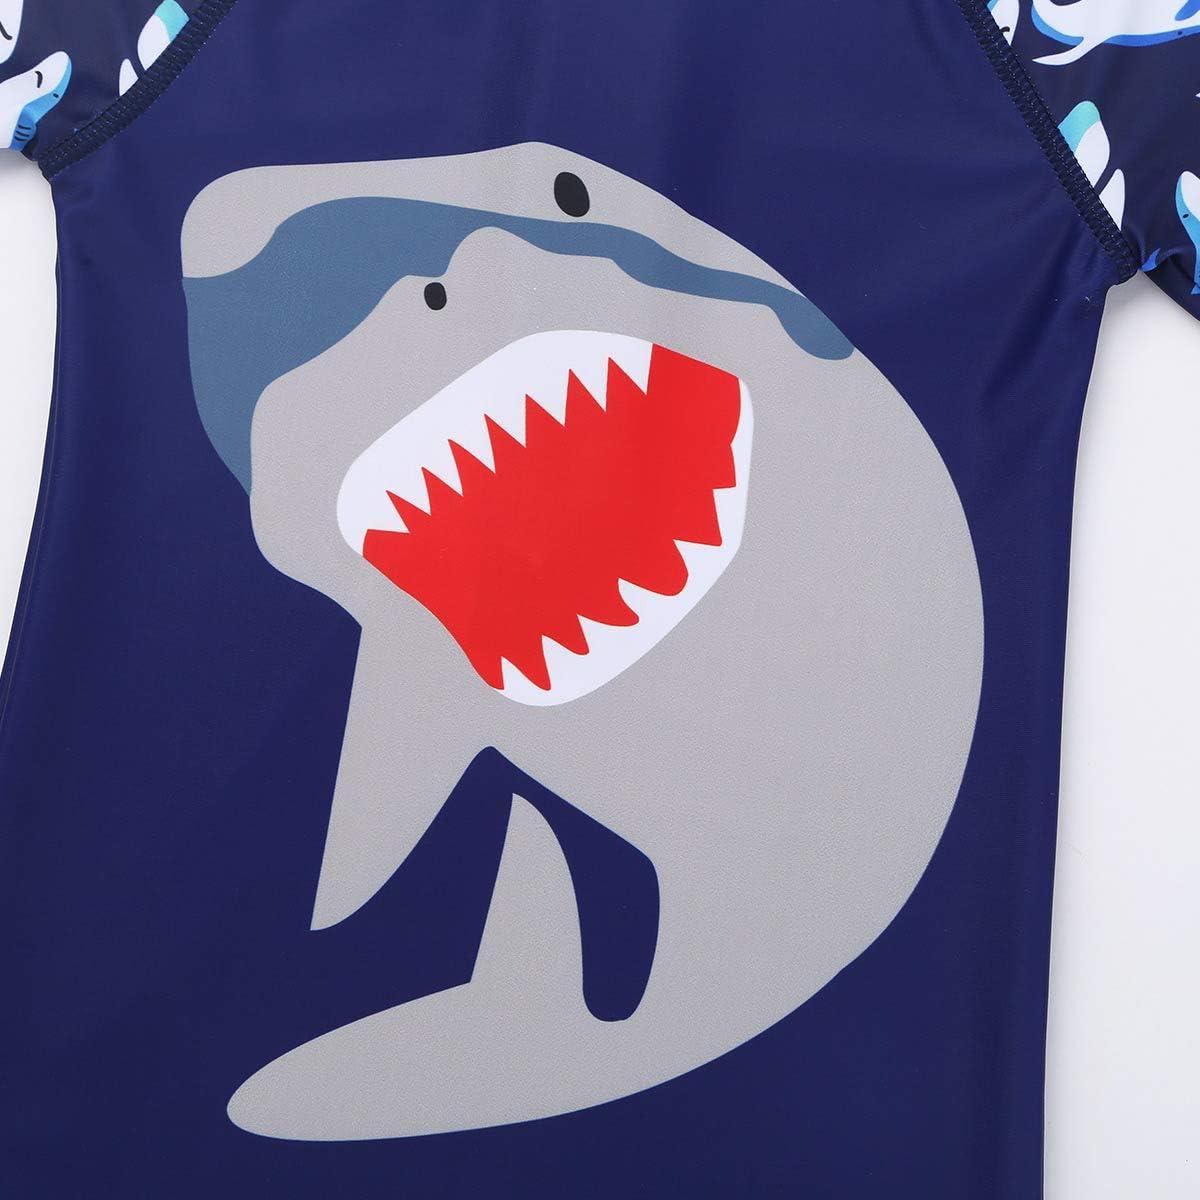 Alvivi Enfants B/éb/é Gar/çons Combinaison de Natation Requins Maillot de Bain de Plong/ée Protection Anti-UV et Contre Le Soleil avec Bonnet de Bain 18 Mois-6 Ans